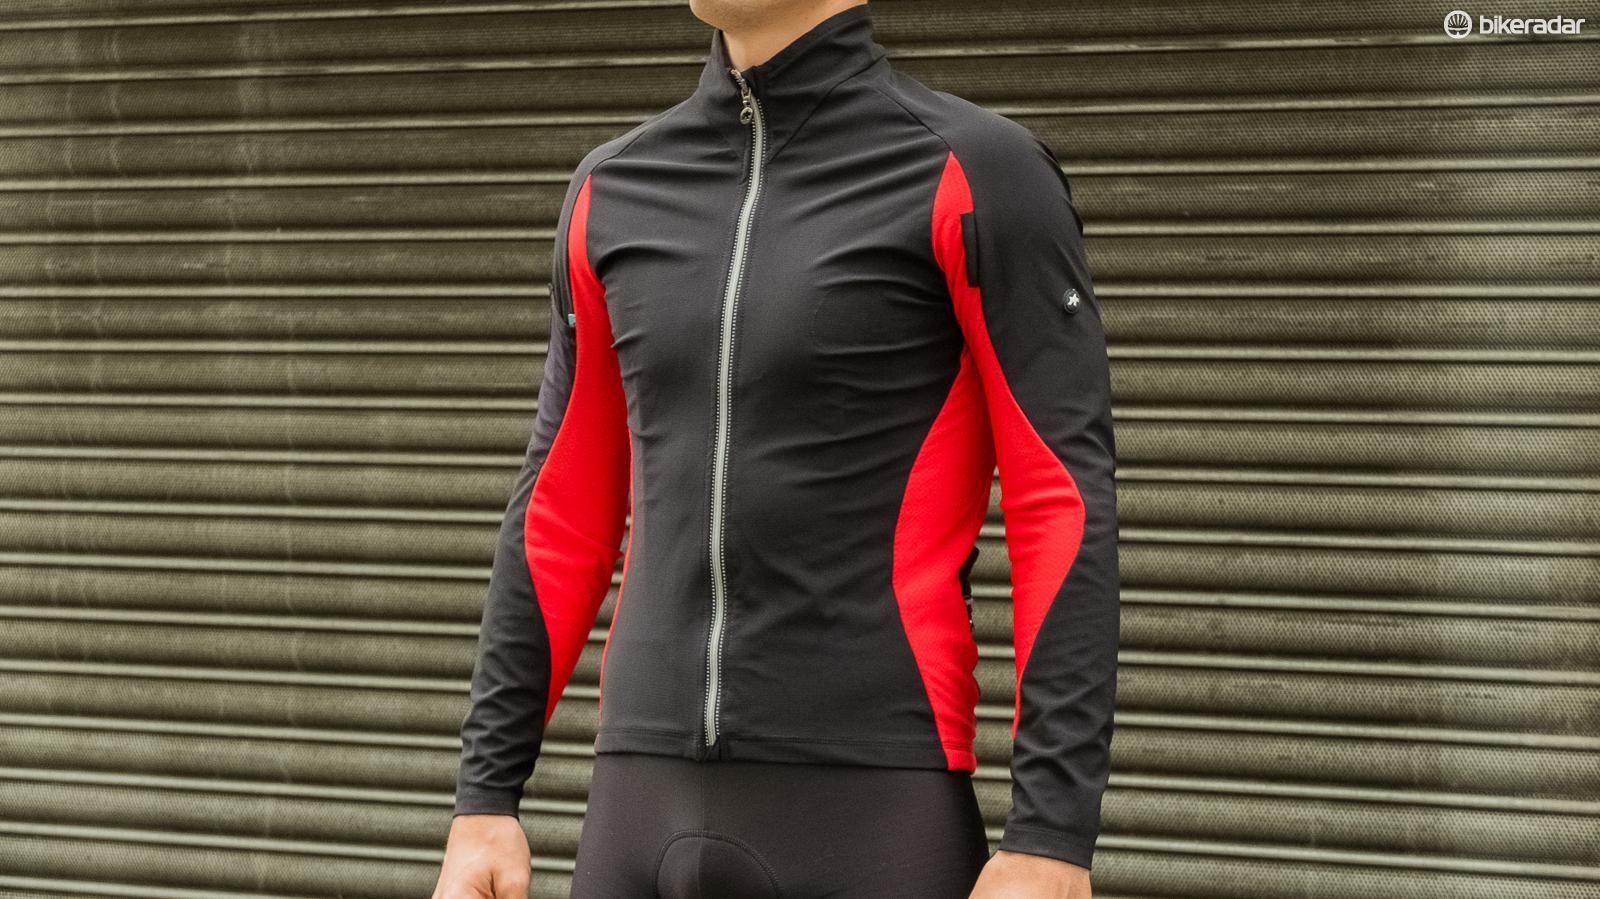 The Assos IJ.Habu5 jacket